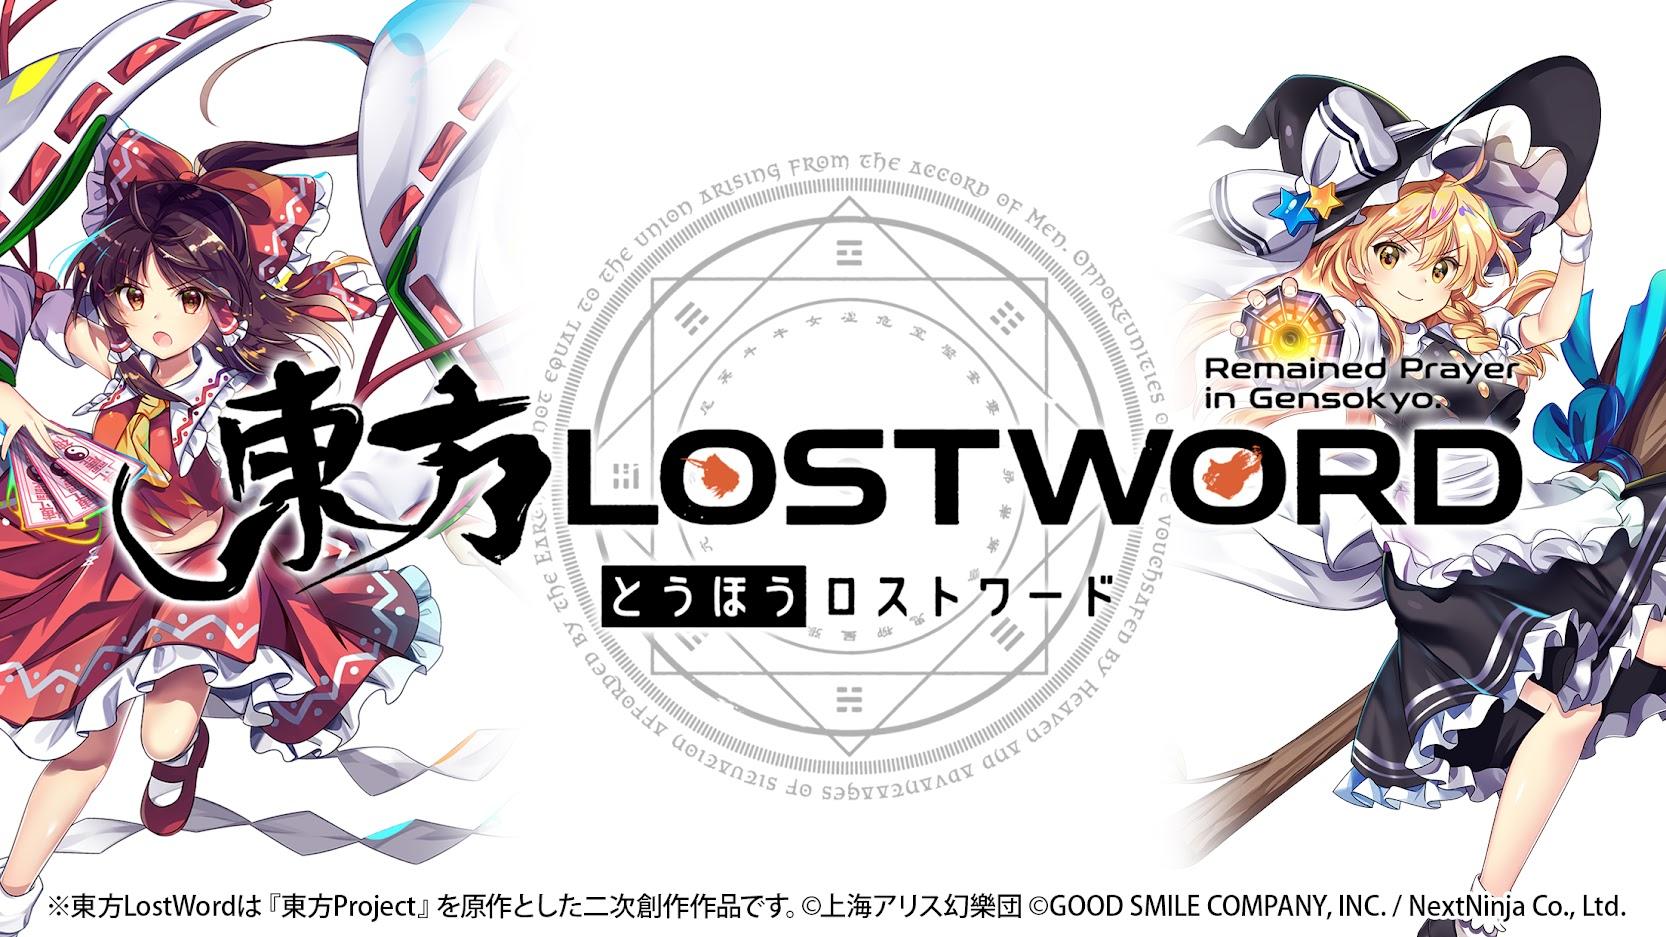 Touhou LostWorld 3042020 1